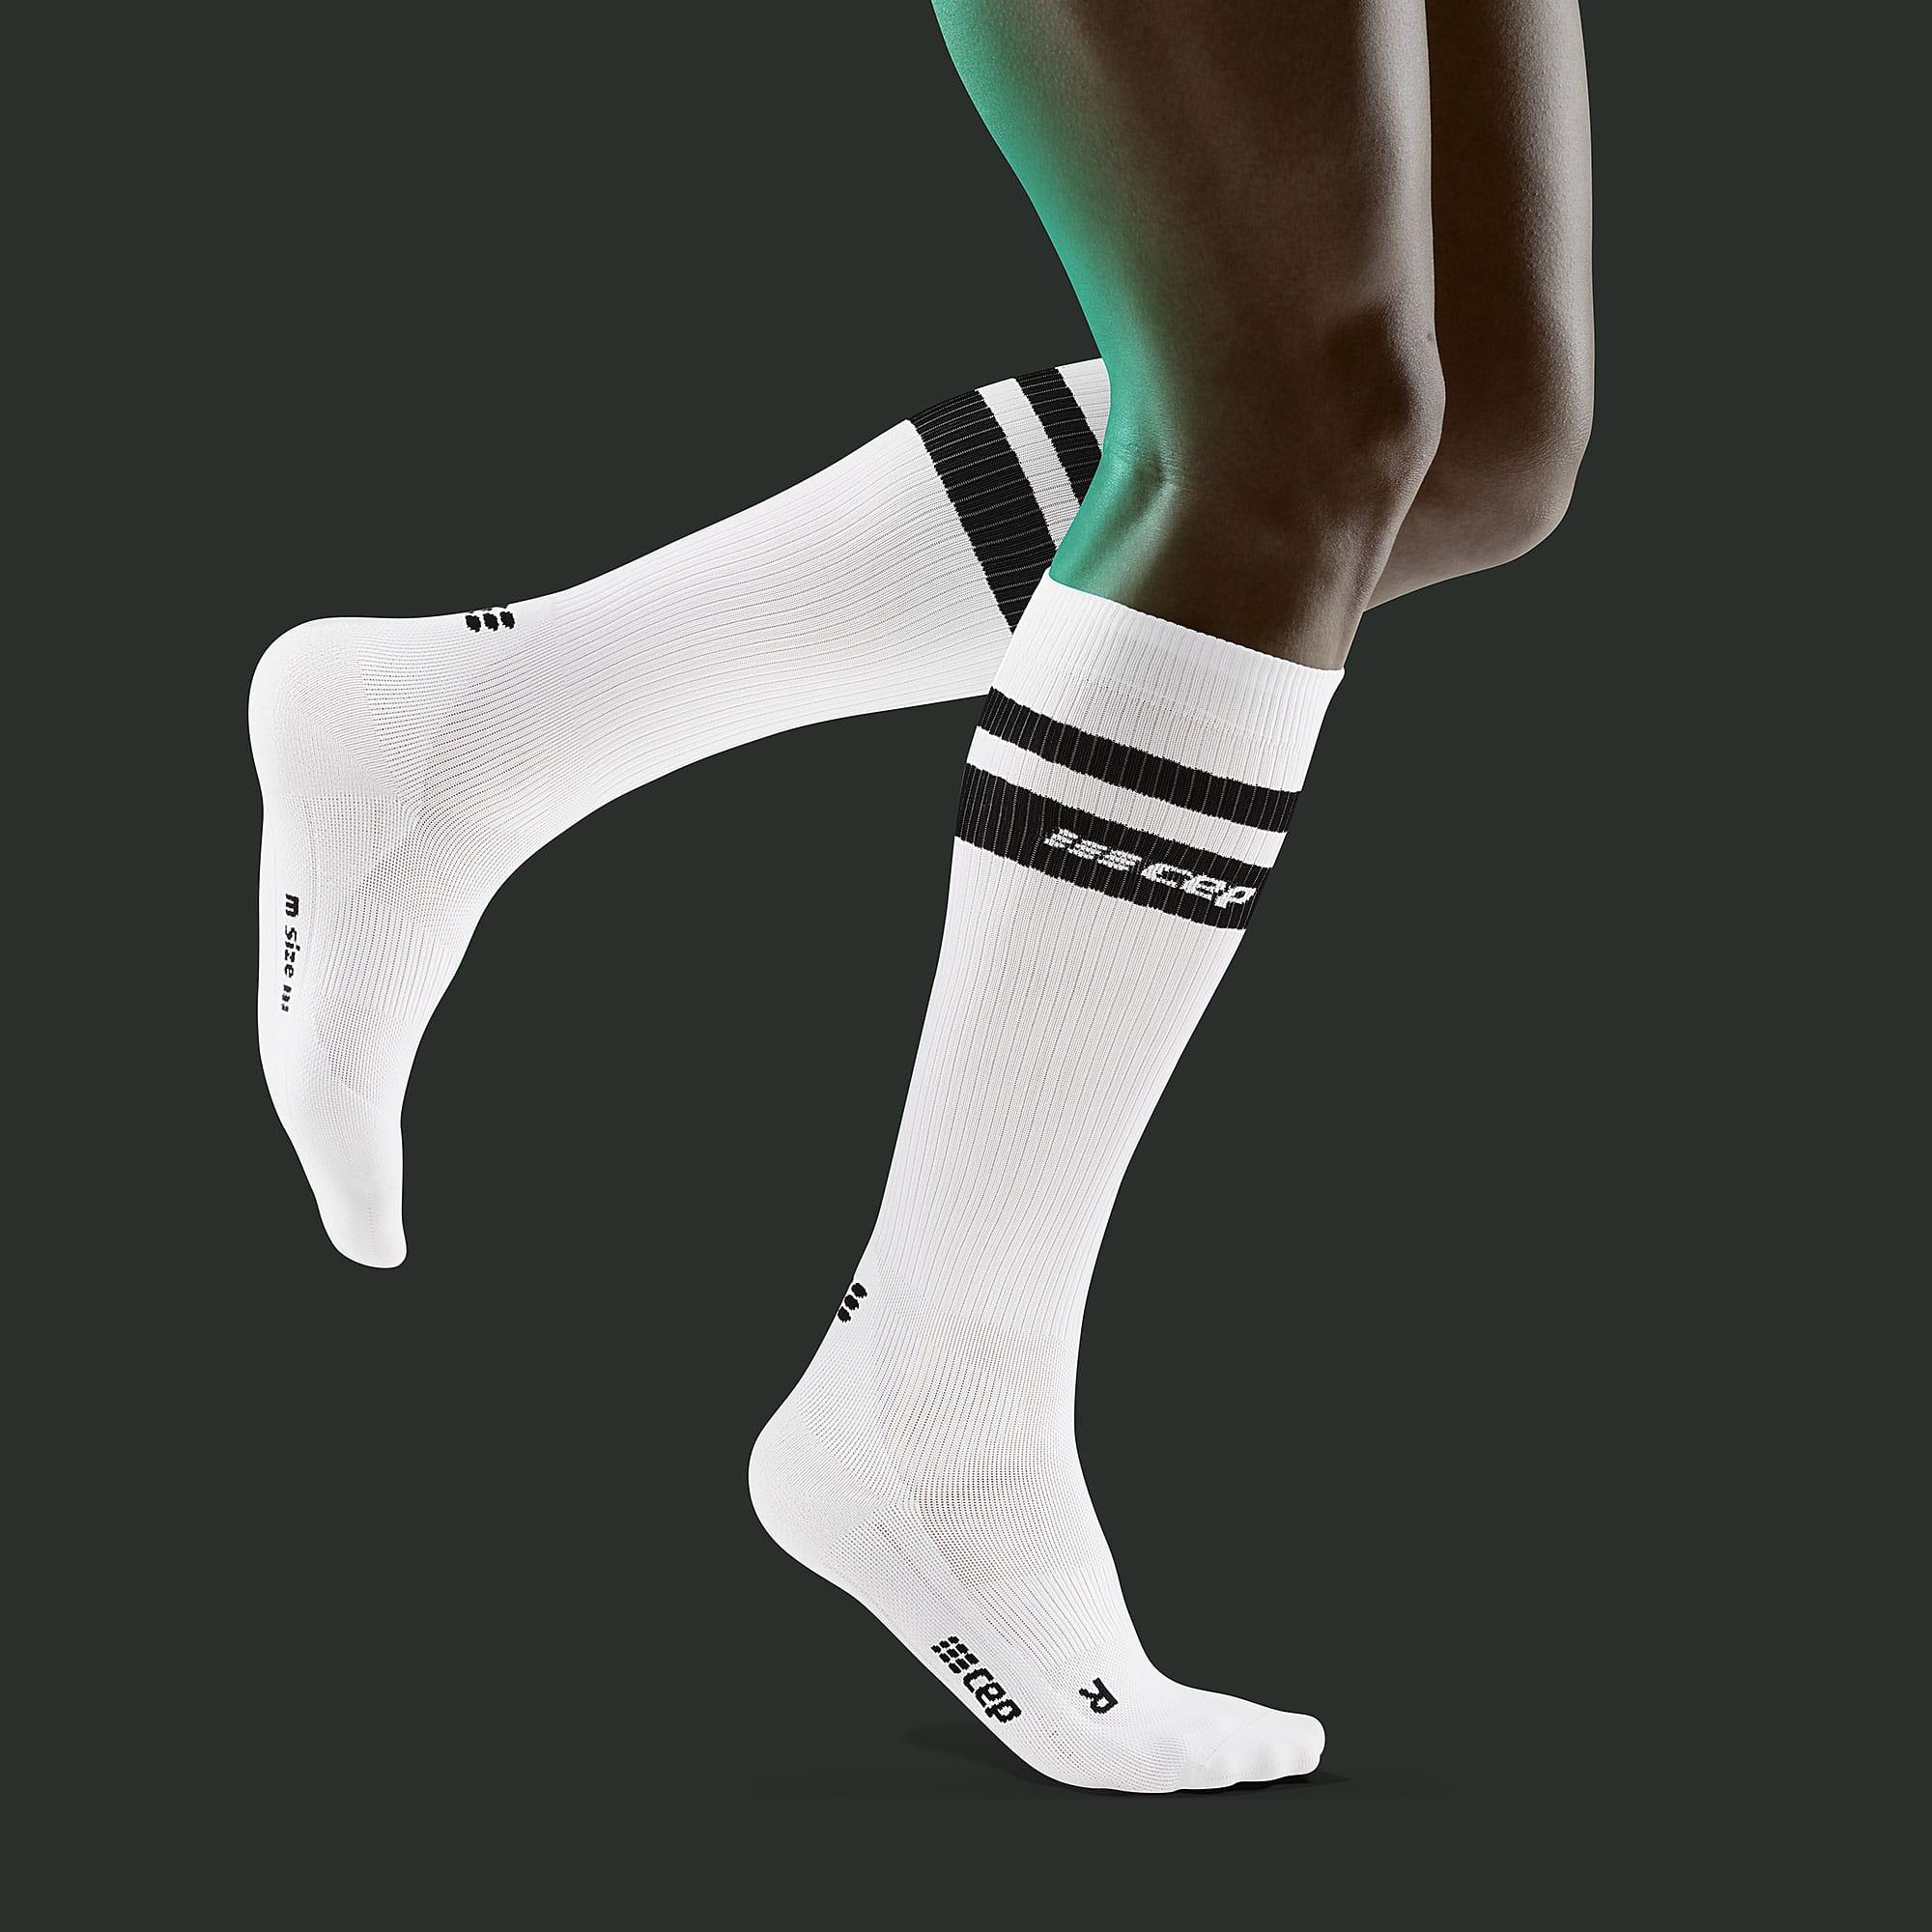 80's-Mid-Cut-Socks-white-black-WP5C0V-m-front-model-pack